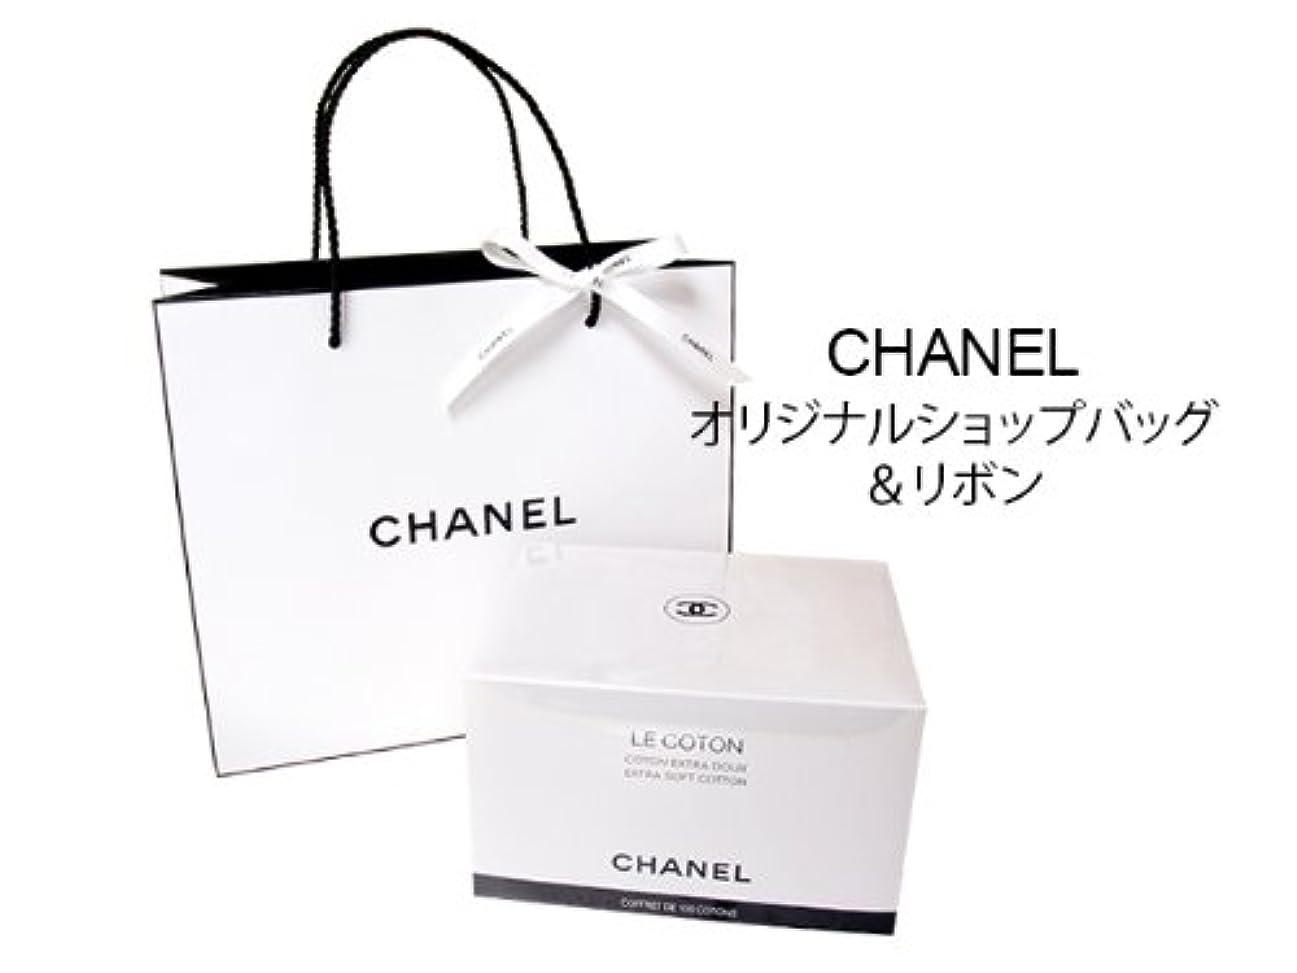 CHANEL(シャネル) LE COTON オーガニックコットン 100枚入 ショップバッグ付き